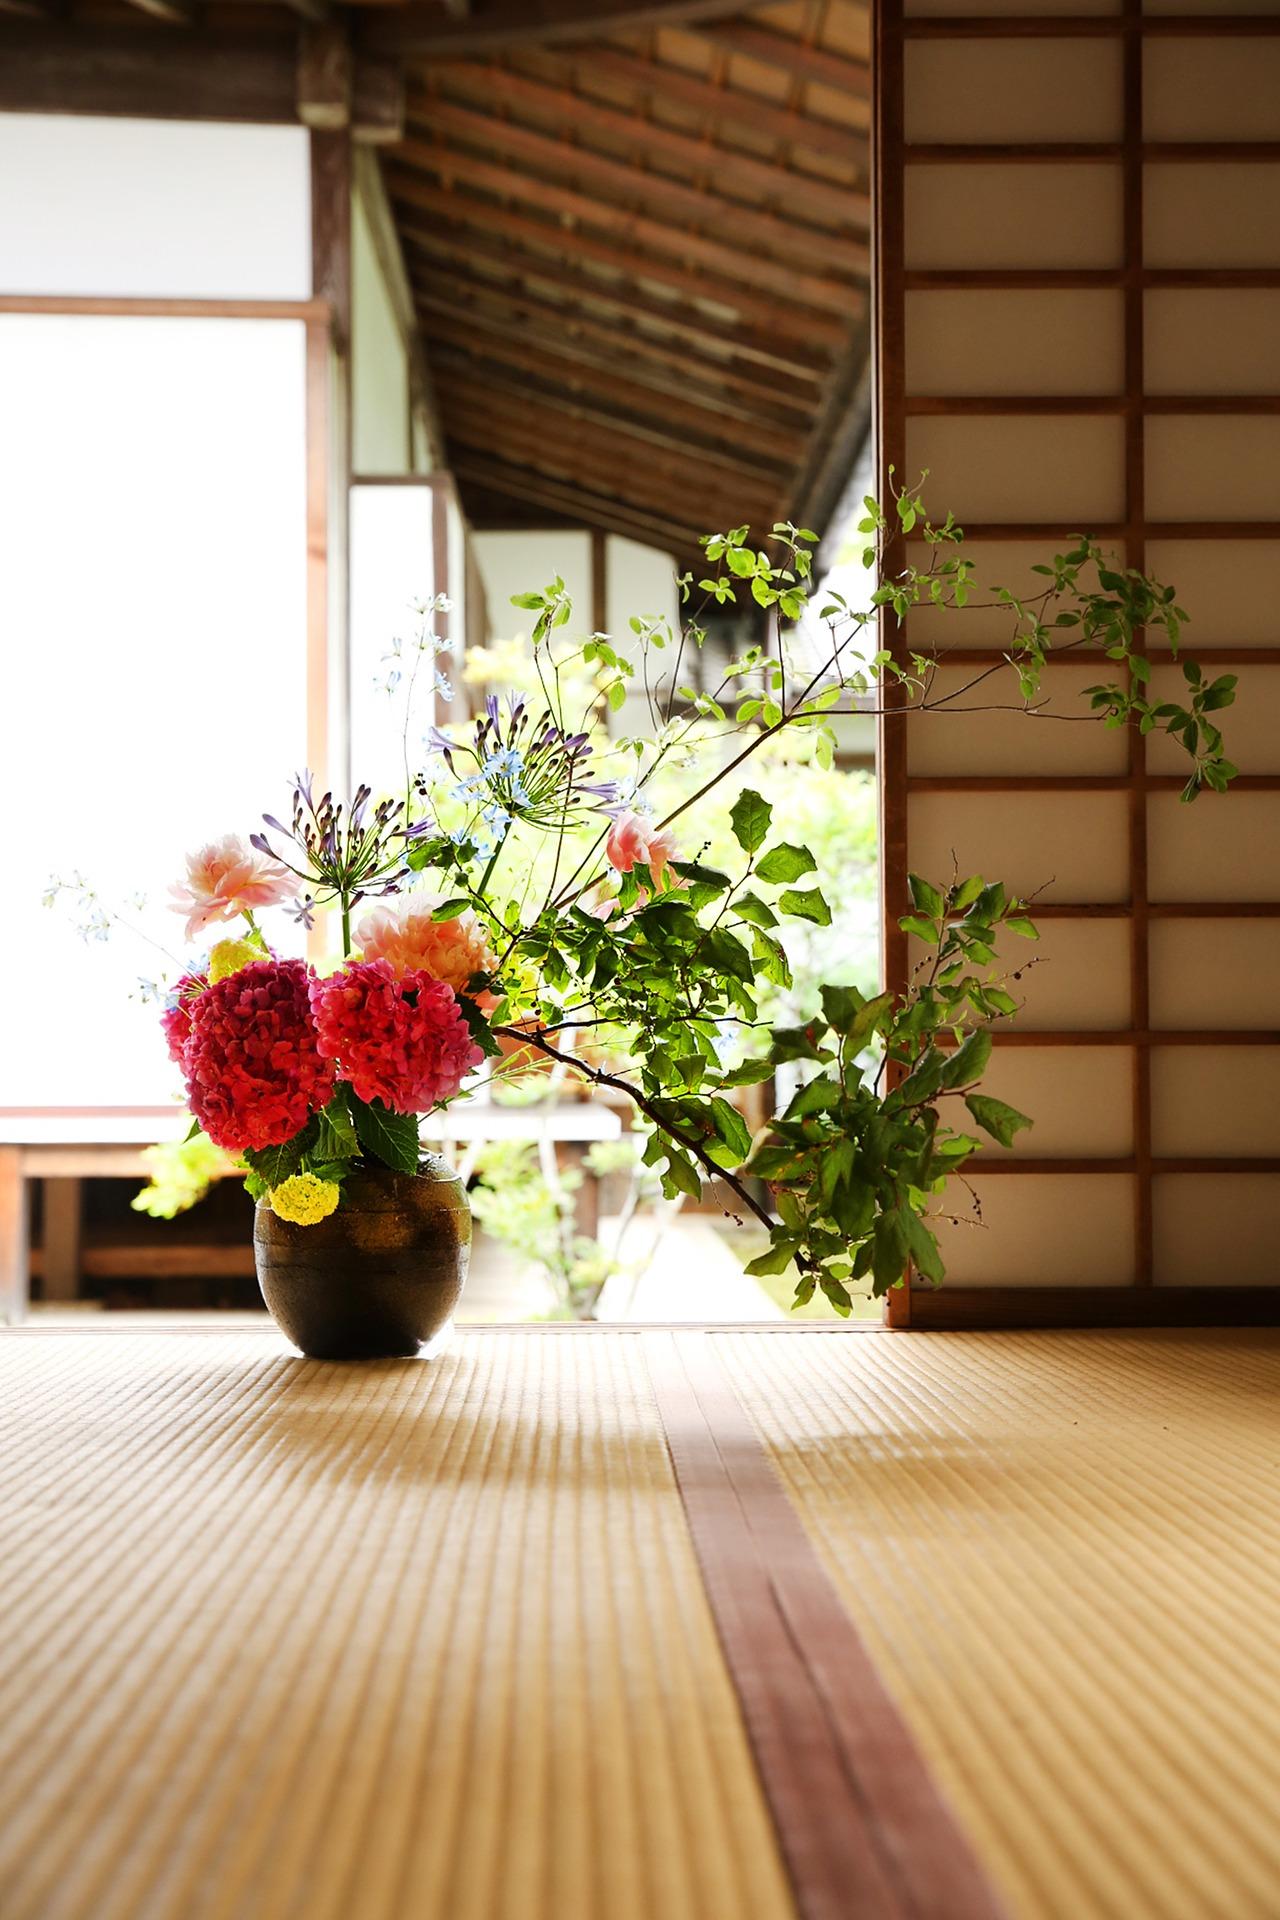 japan-culture-1716029_1920